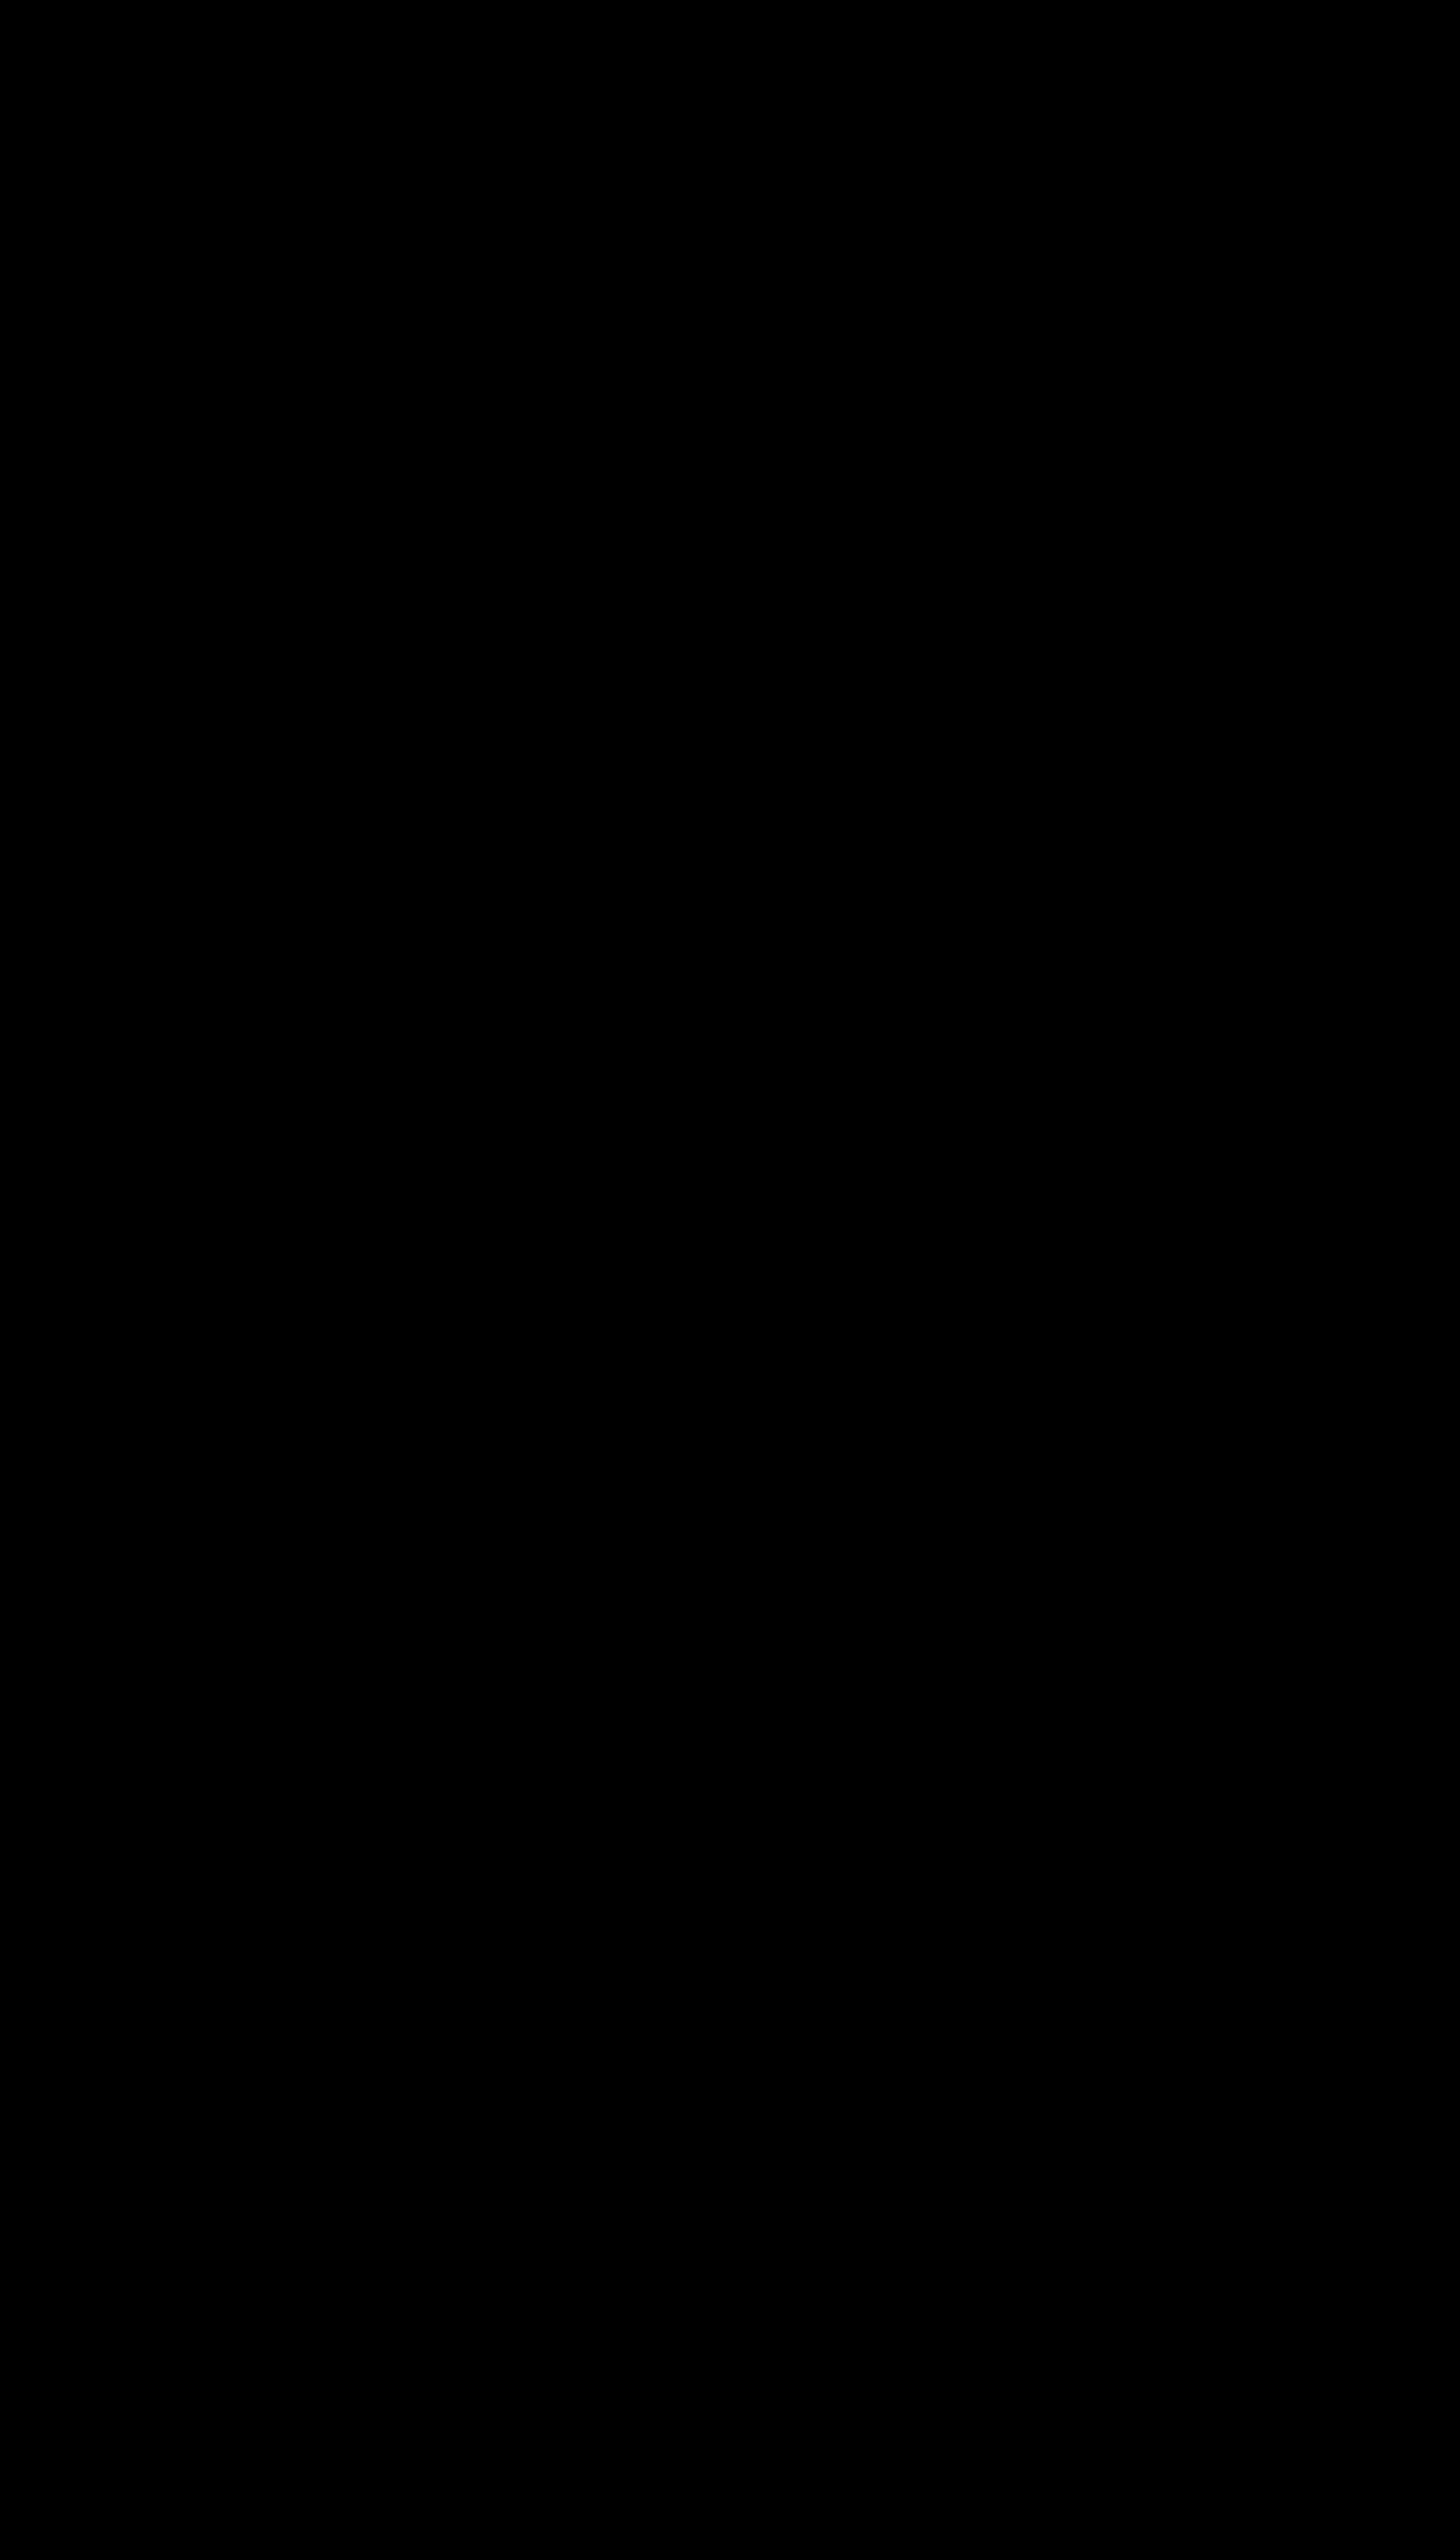 Multiplication Worksheets 3 Digit By 1 Digit 3 Levels